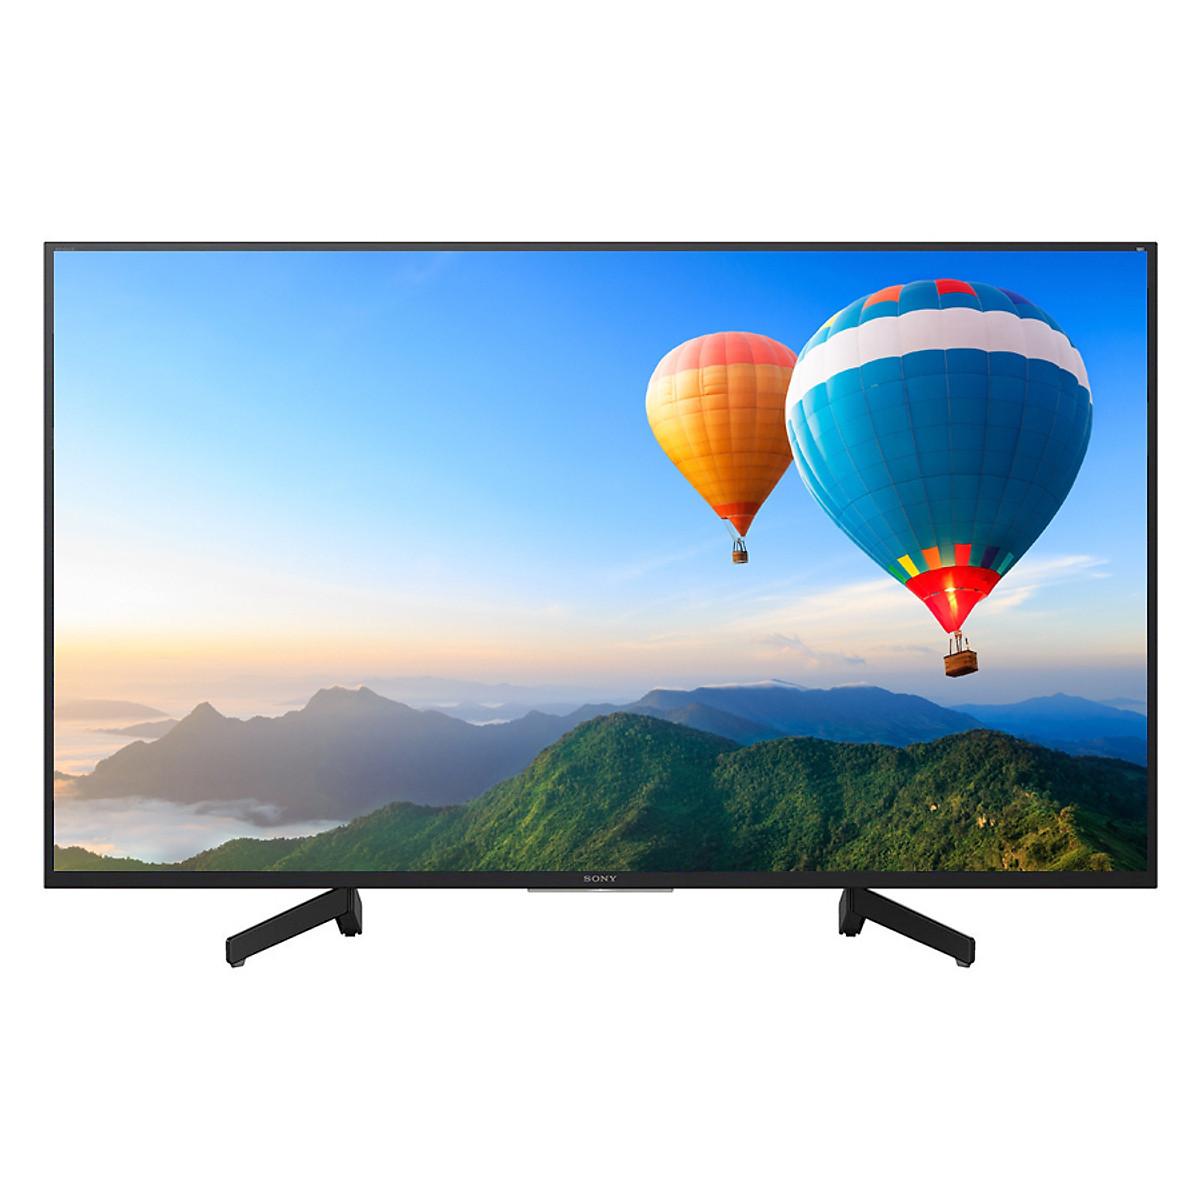 Tivi Sony Giá HOT - Các Model để bạn tham khảo - 20